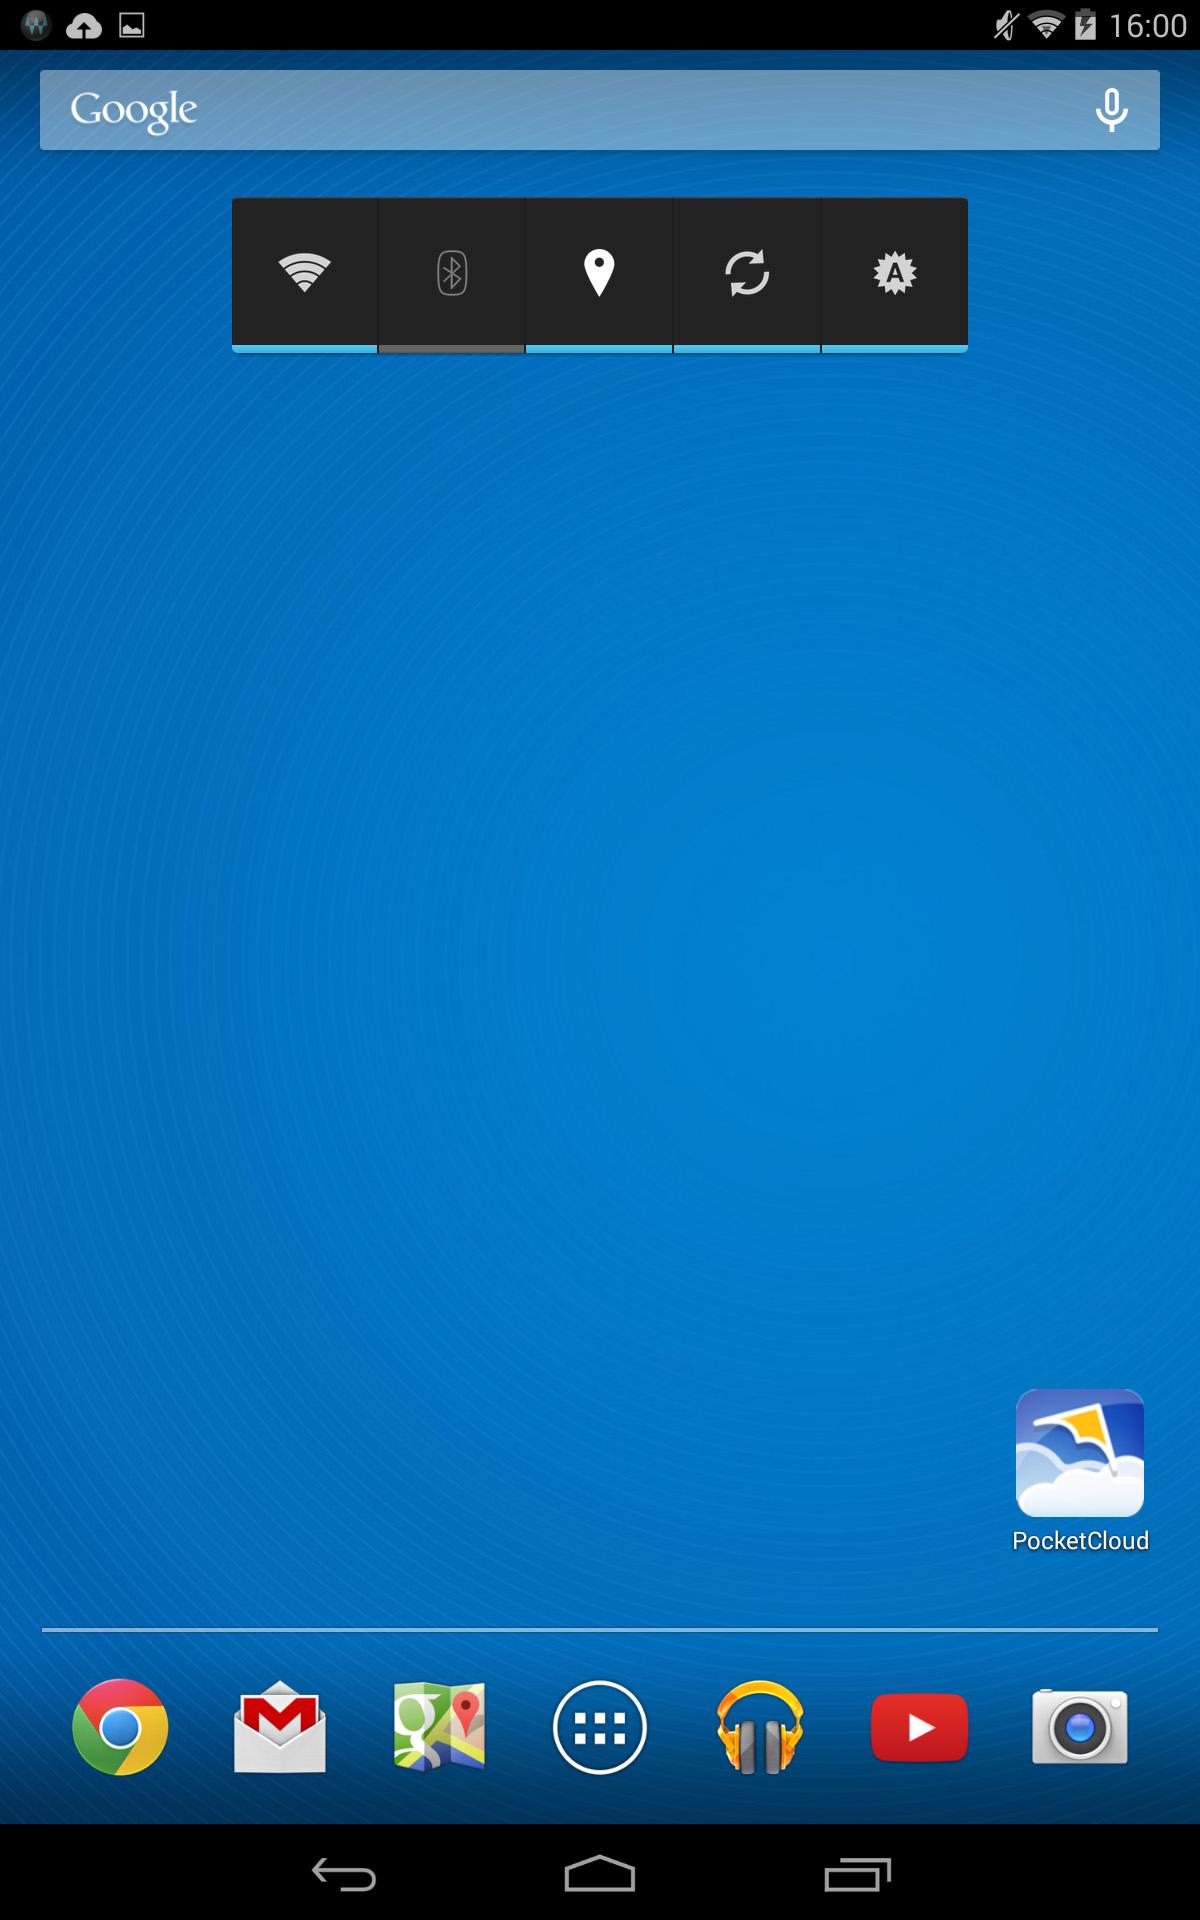 ホーム画面2/5。電源管理ウィジェットとPocketCloud